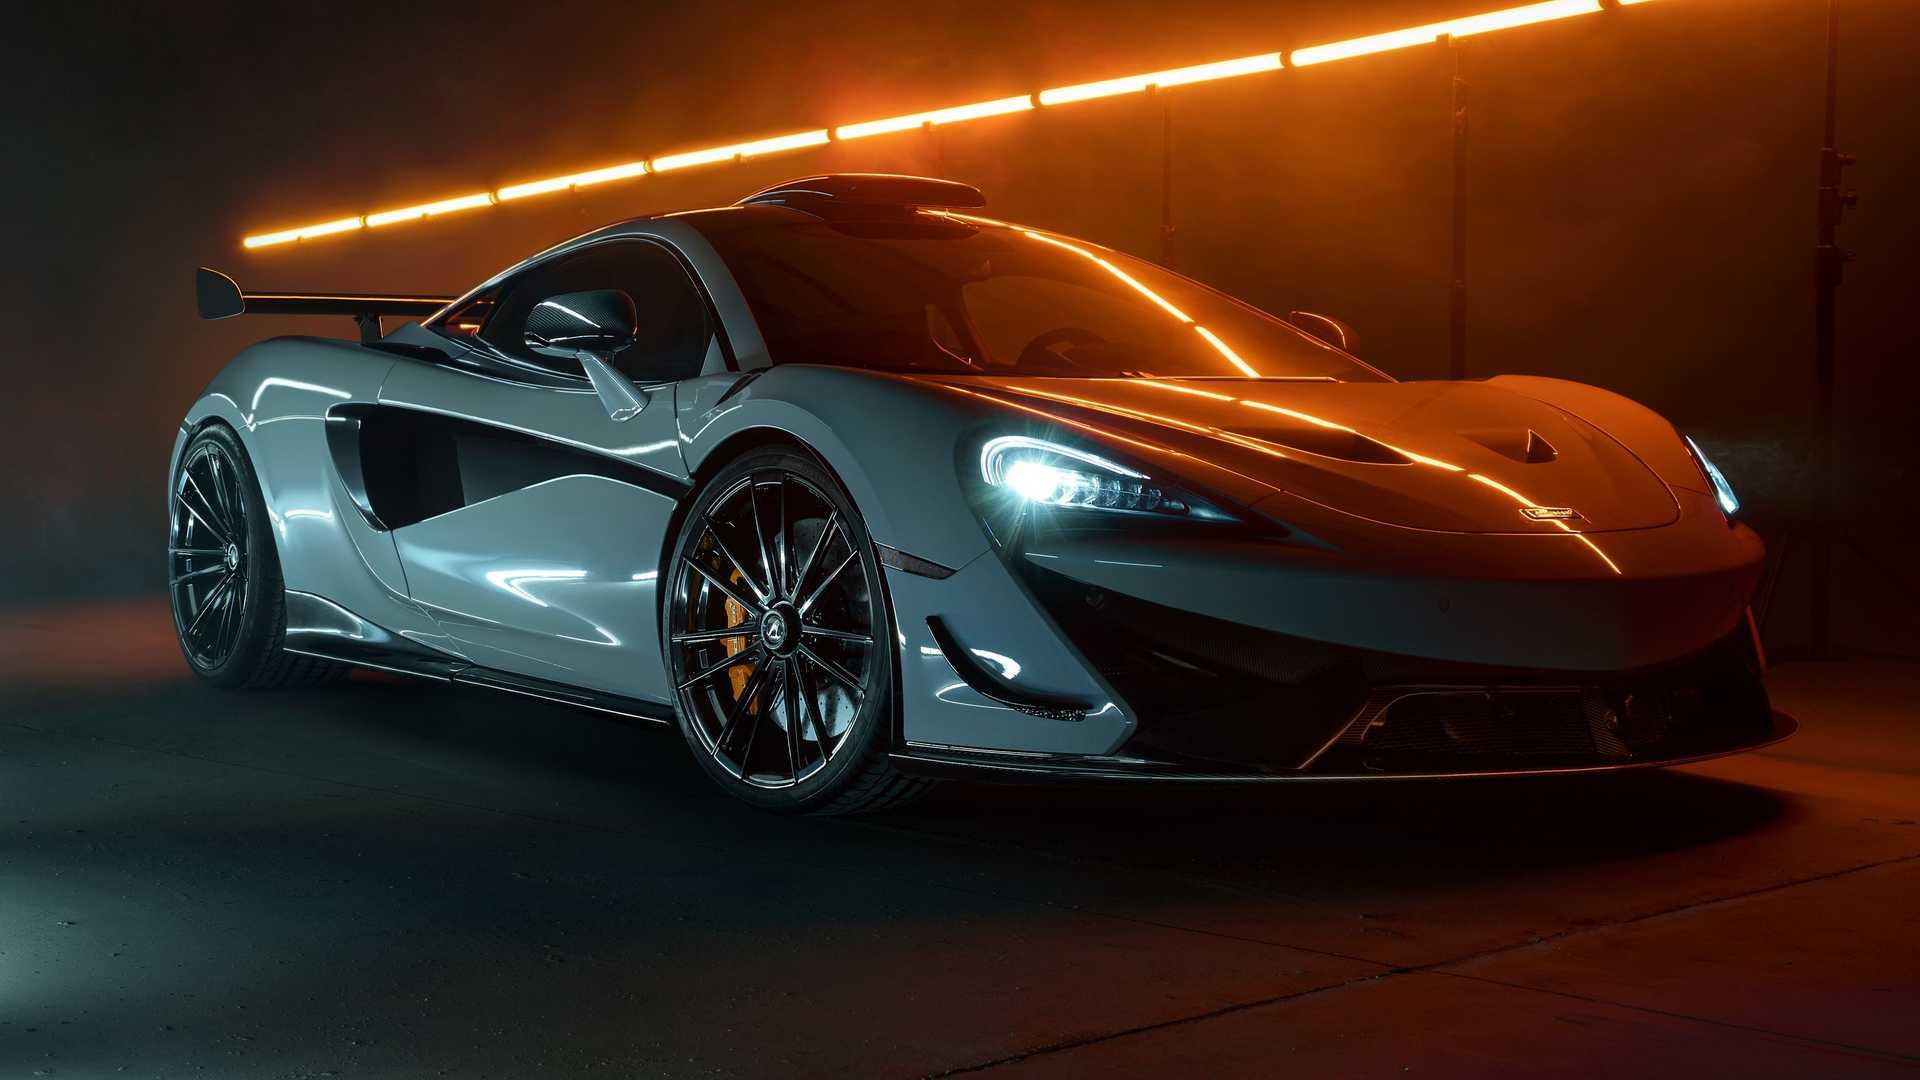 Суперкар McLaren 620R выходит тиражом всего 225 единиц по цене от $300 000, но если вам и такой эксклюзивности покажется мало, то всегда можно обратиться в тюнинг-ателье за программой персонализации.